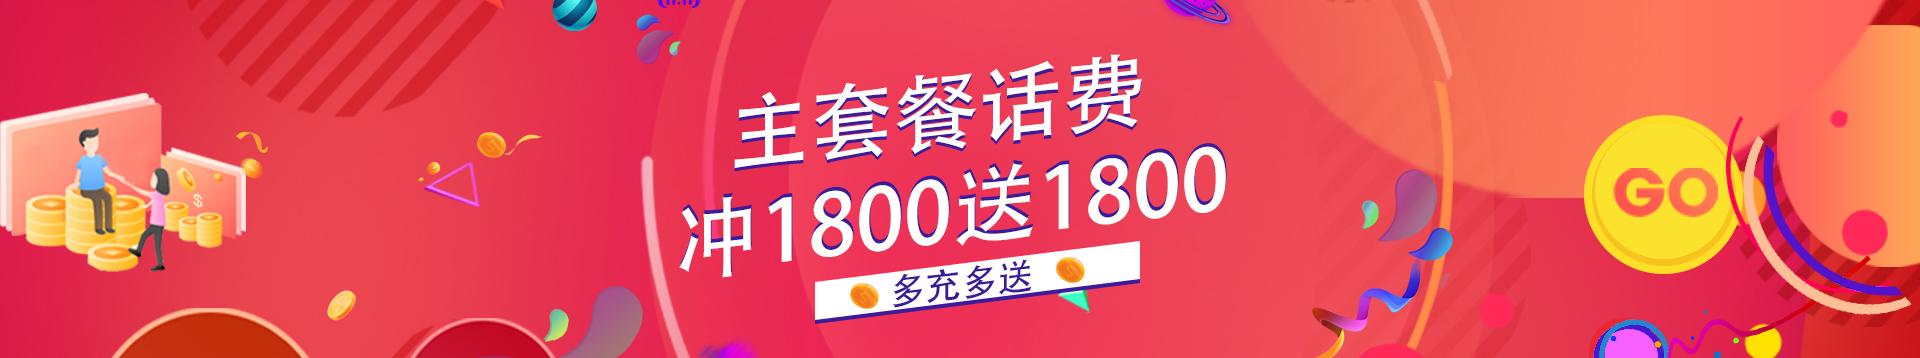 申请400电话套餐活动